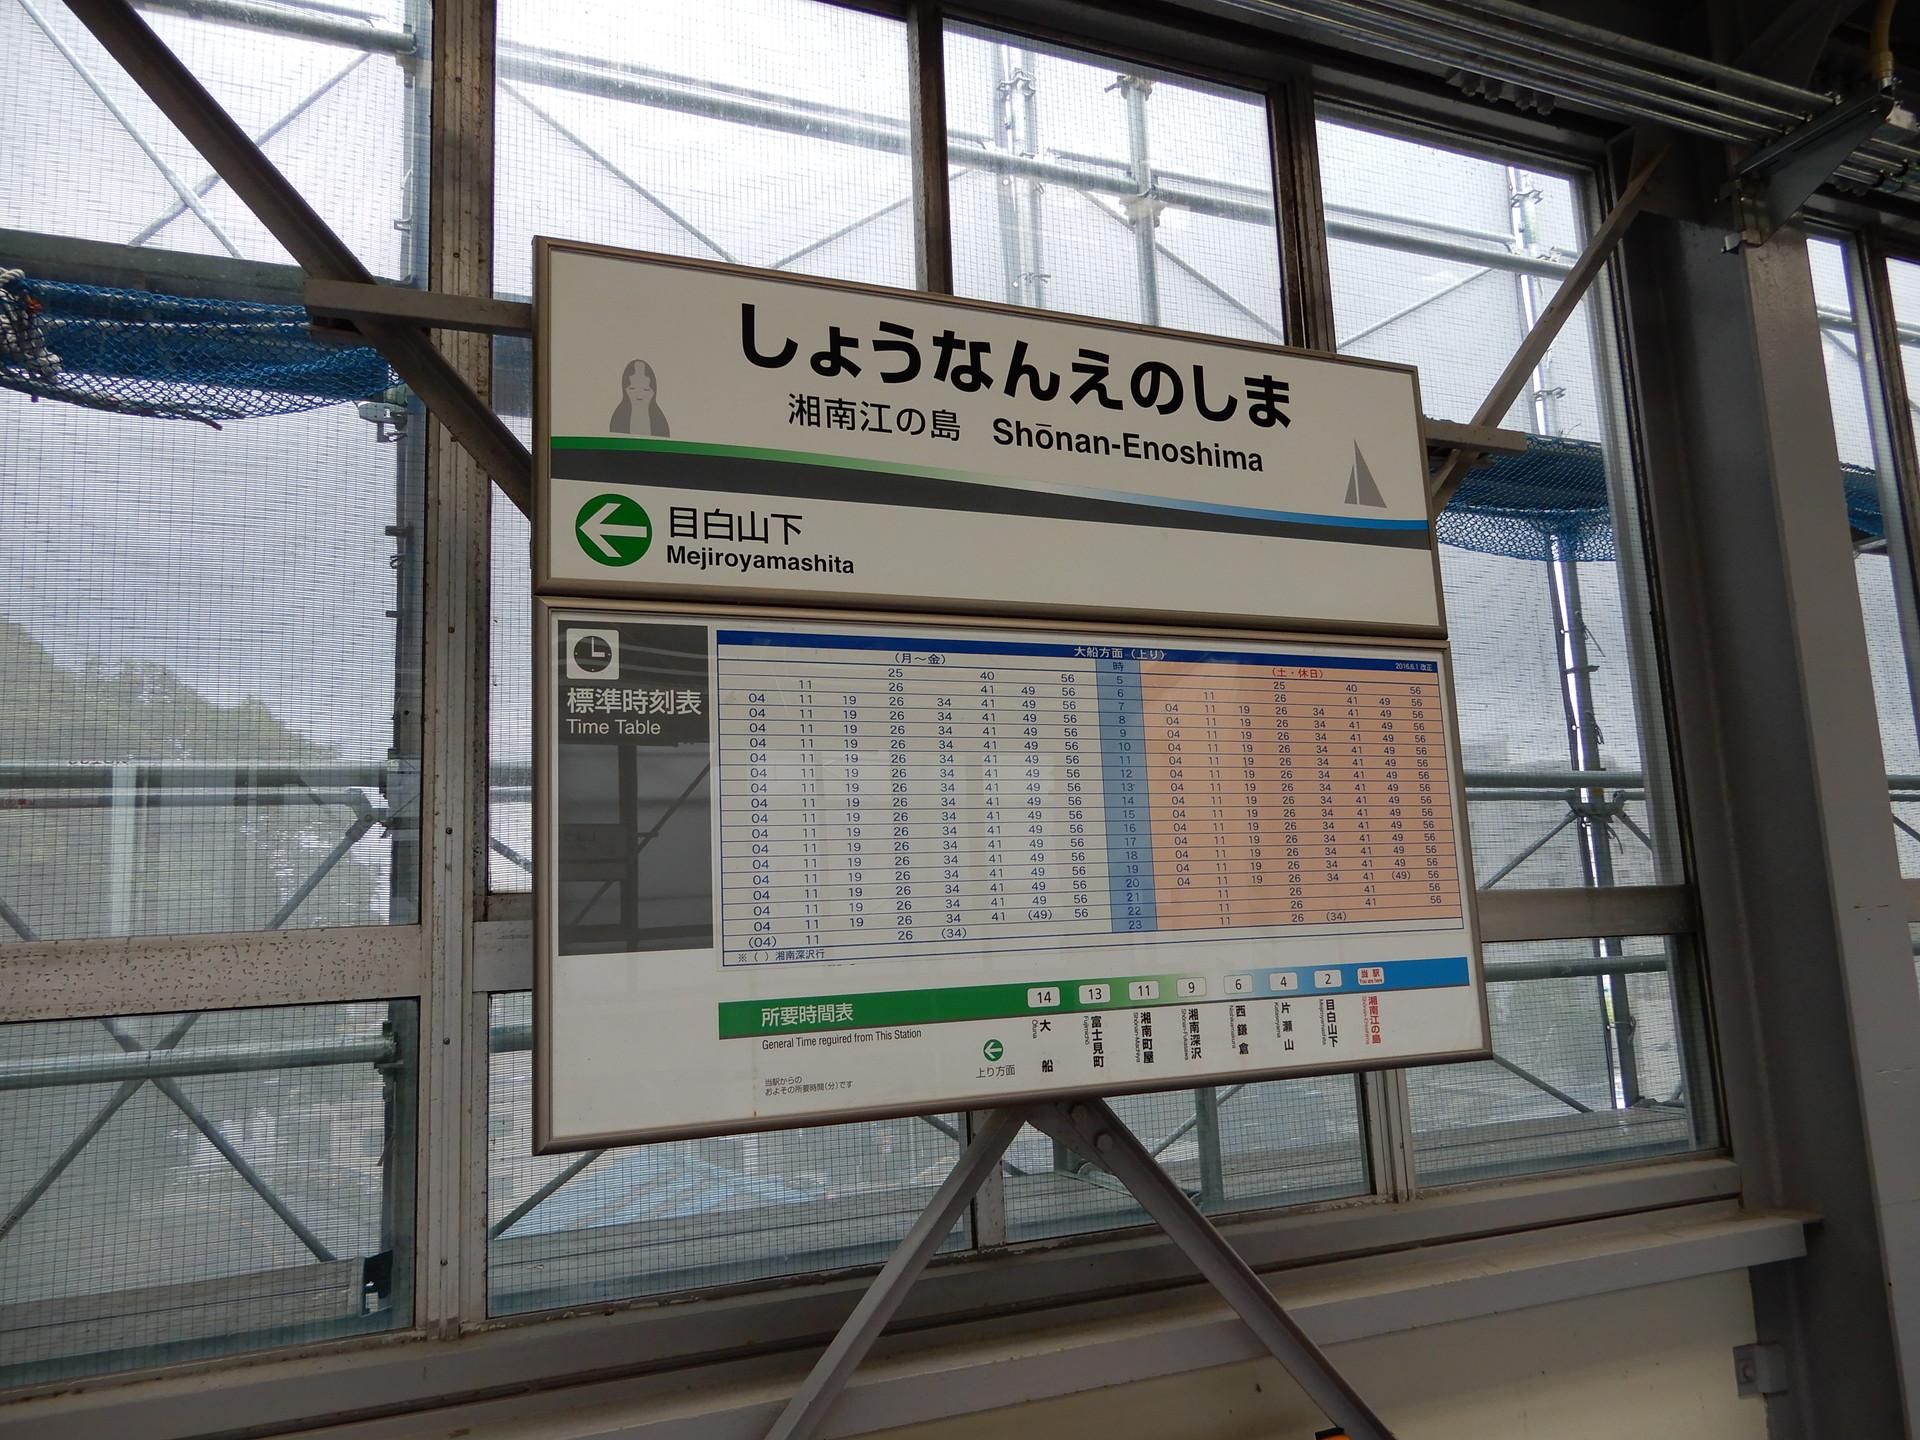 湘南江の島駅の旧駅名標